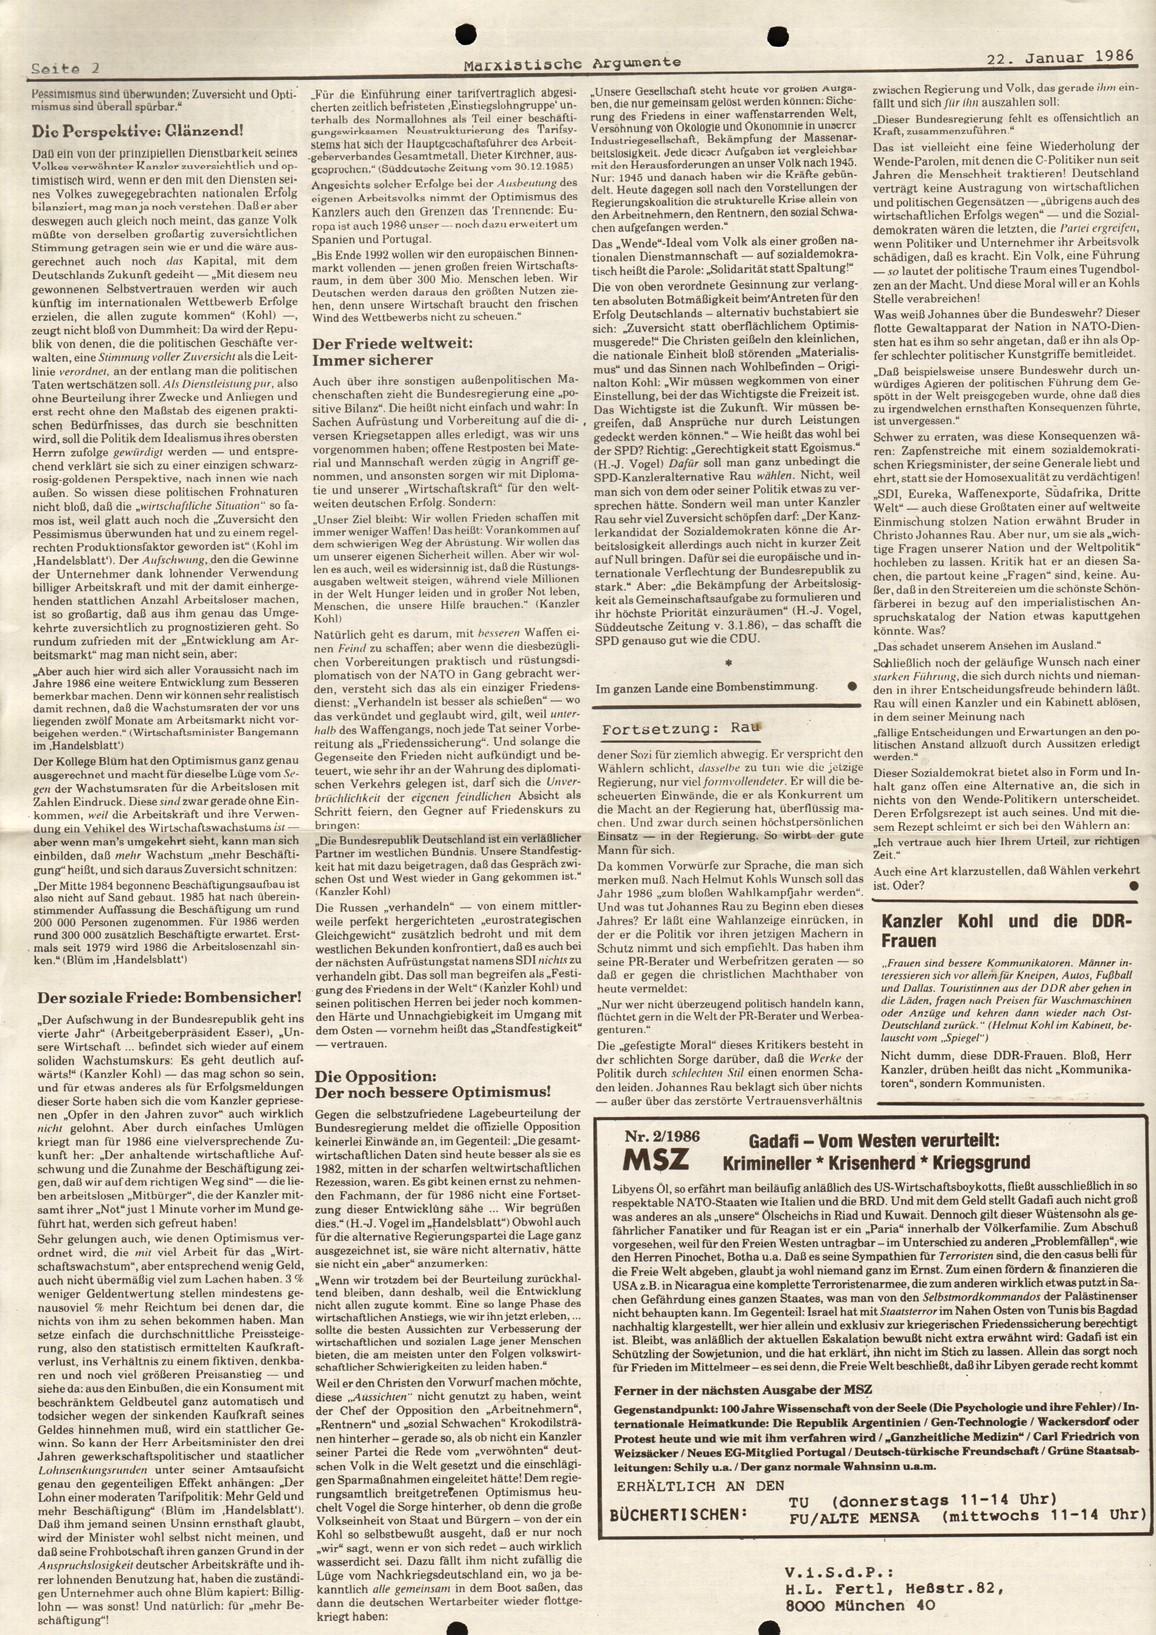 Berlin_MG_Symp_Argumente_19860122_02